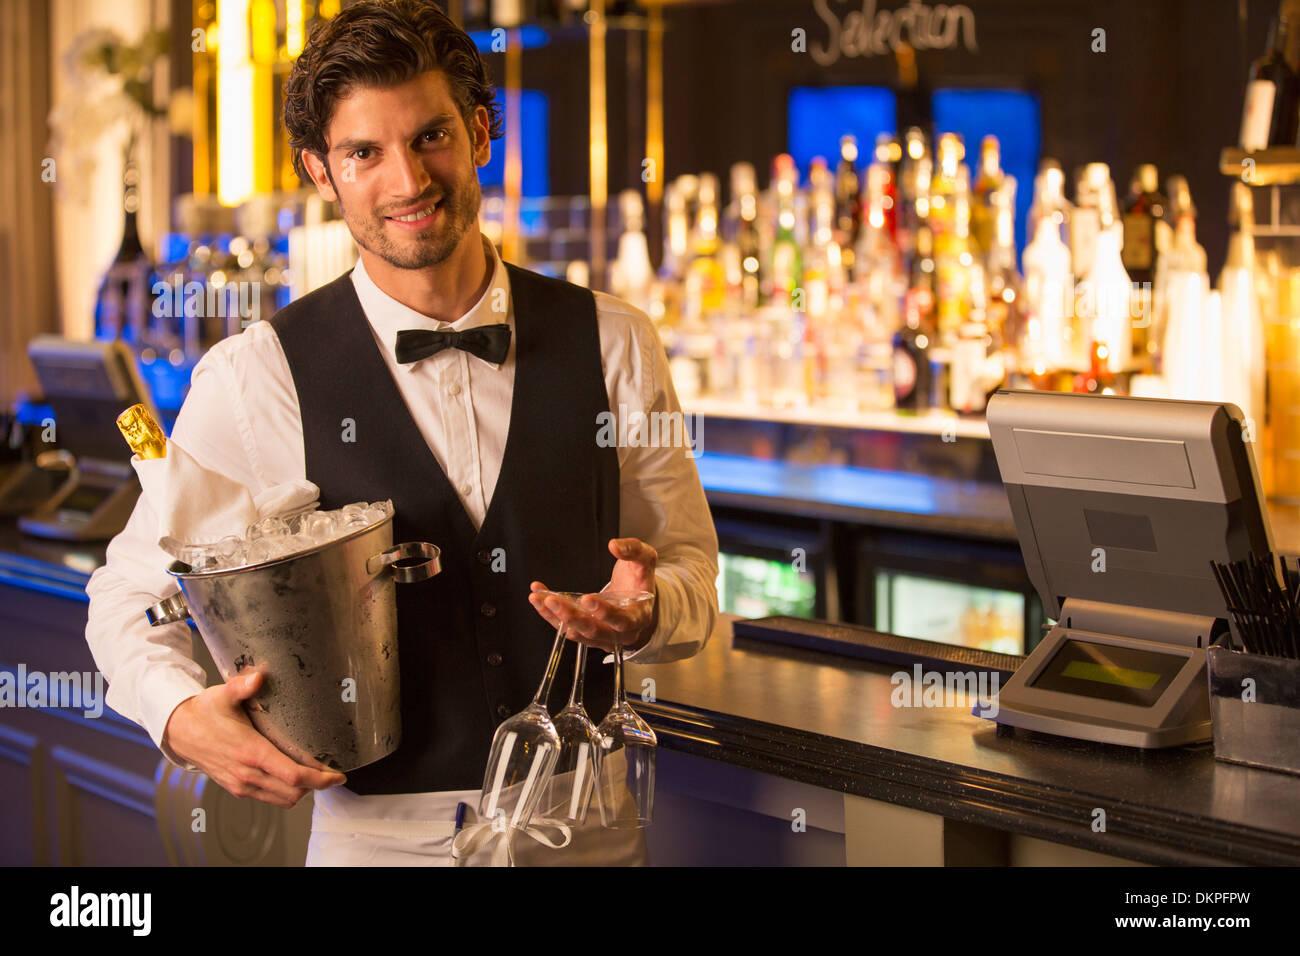 Porträt von gut gekleidete Barkeeper Holding Champagner Eimer in Luxus bar Stockbild